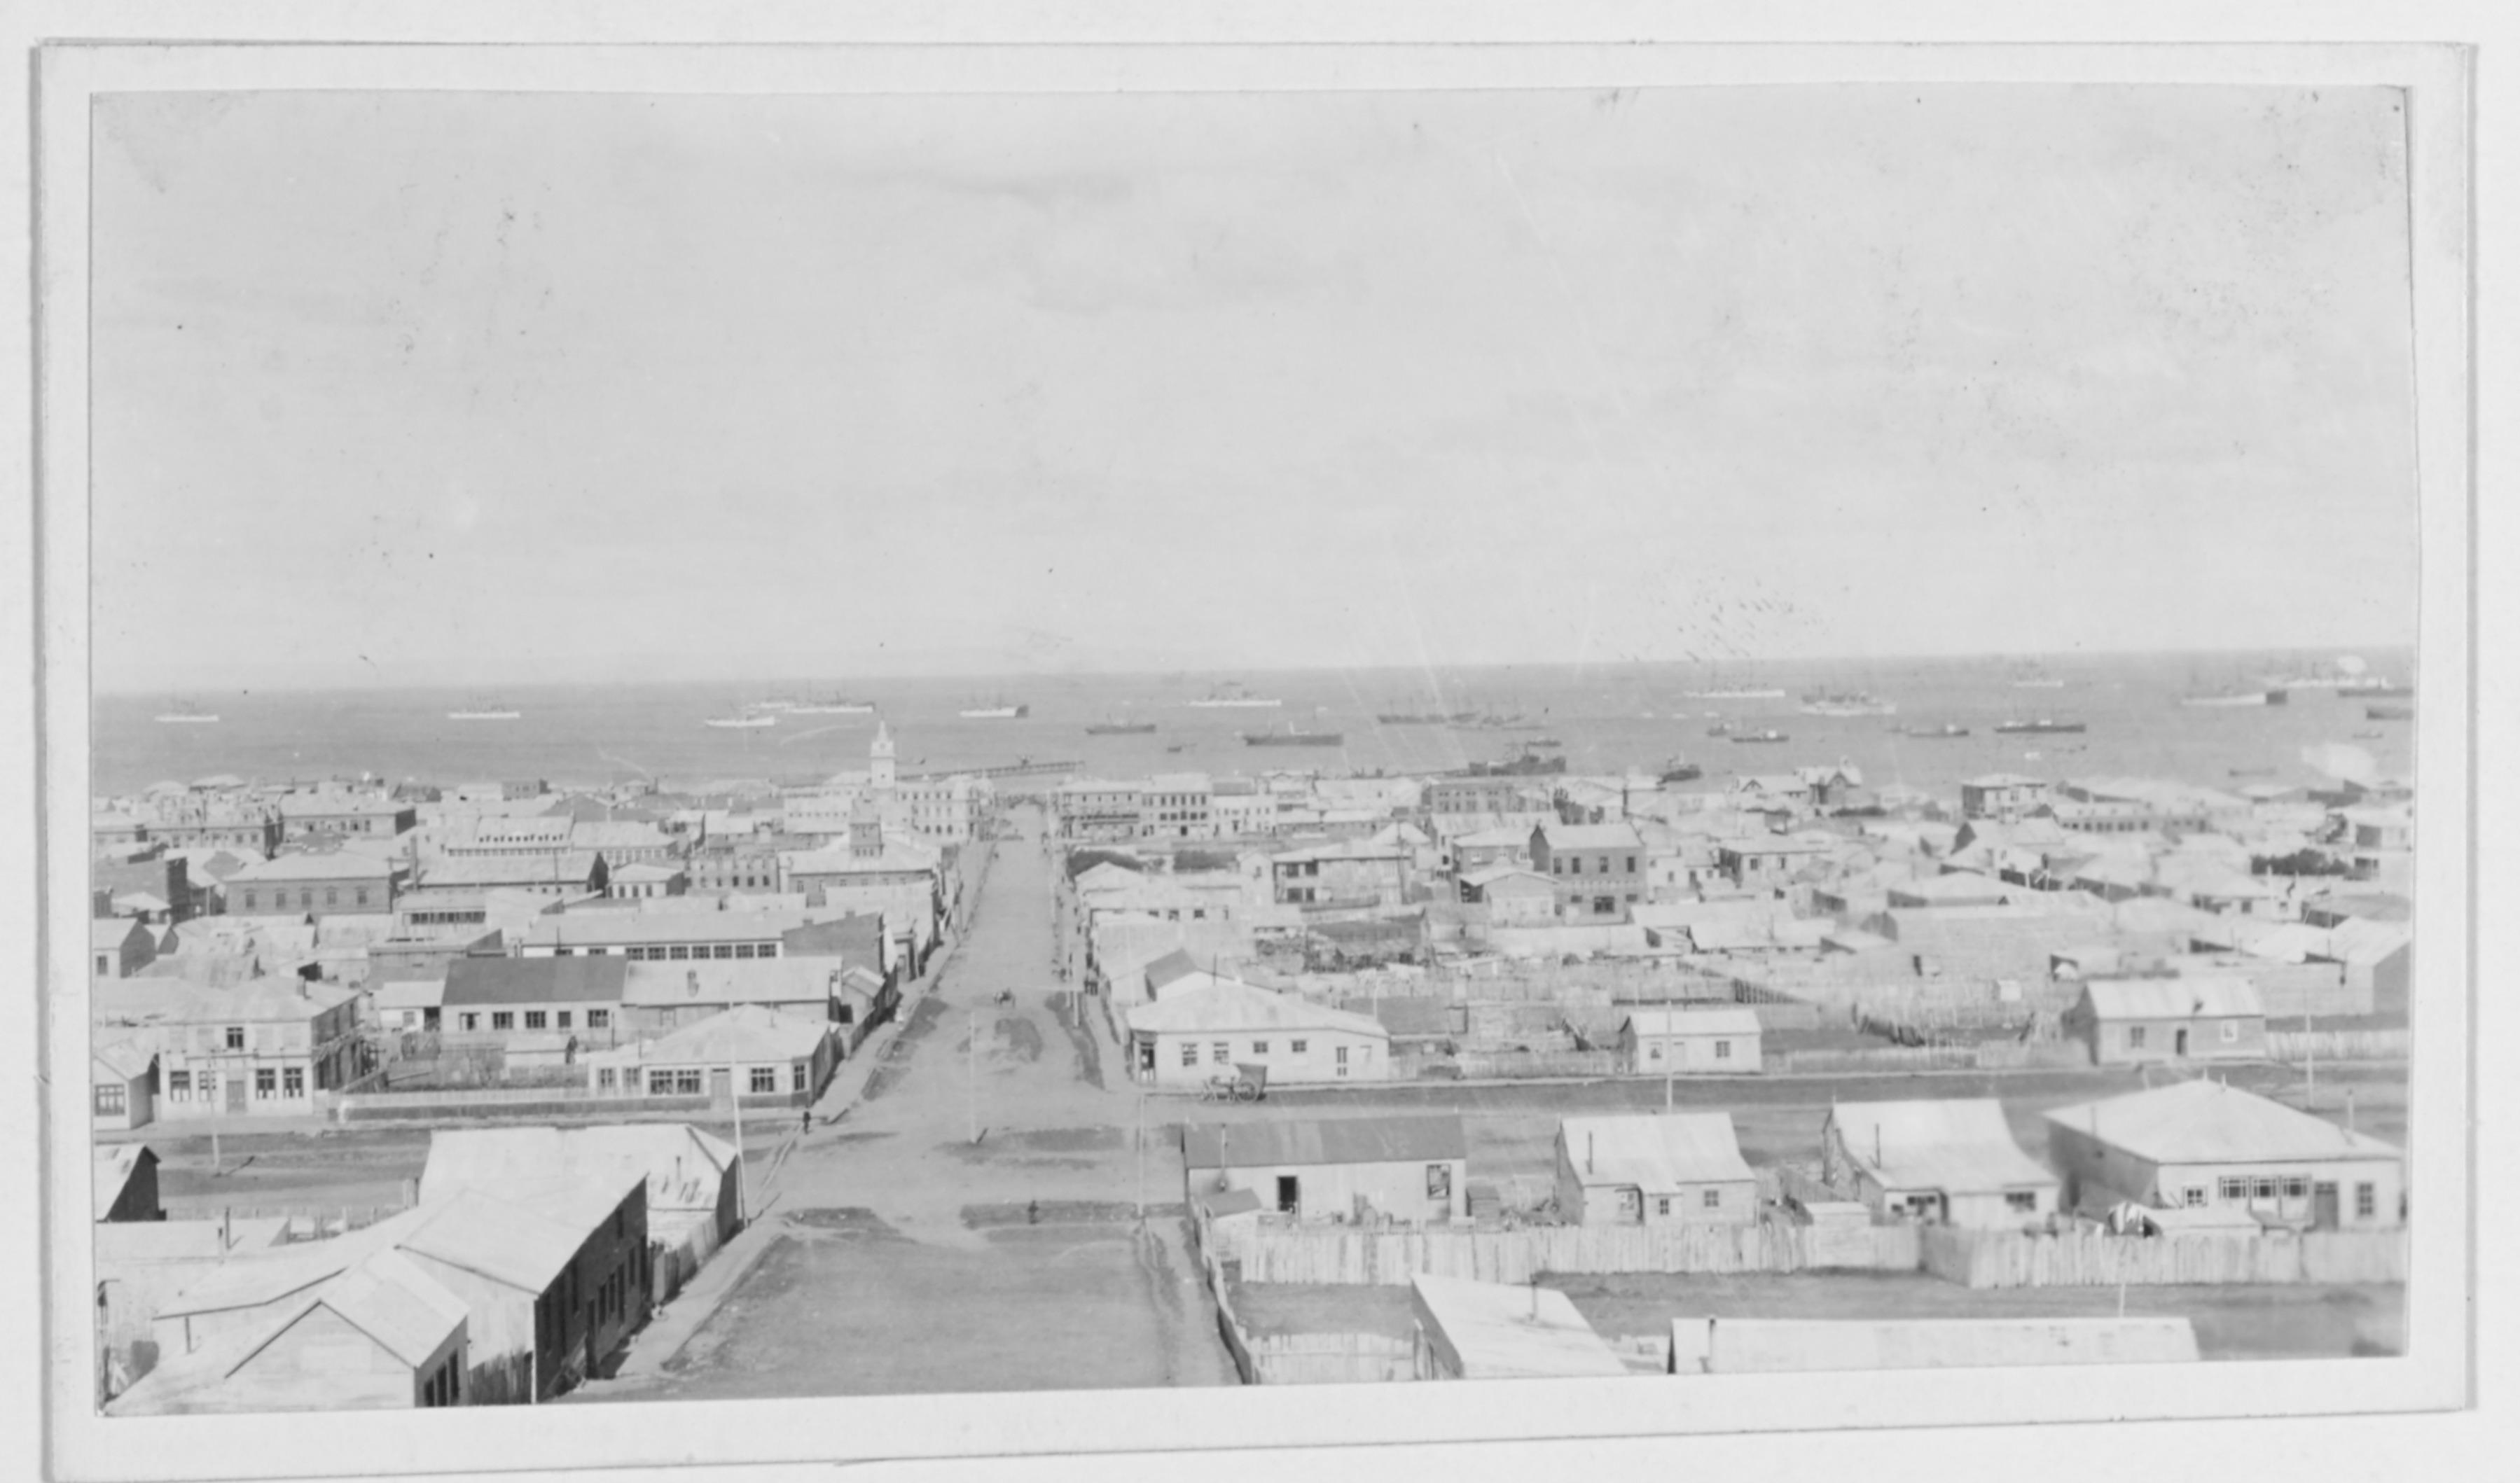 Enterreno - Fotos históricas de chile - fotos antiguas de Chile - Punta Arenas, Febrero 1908